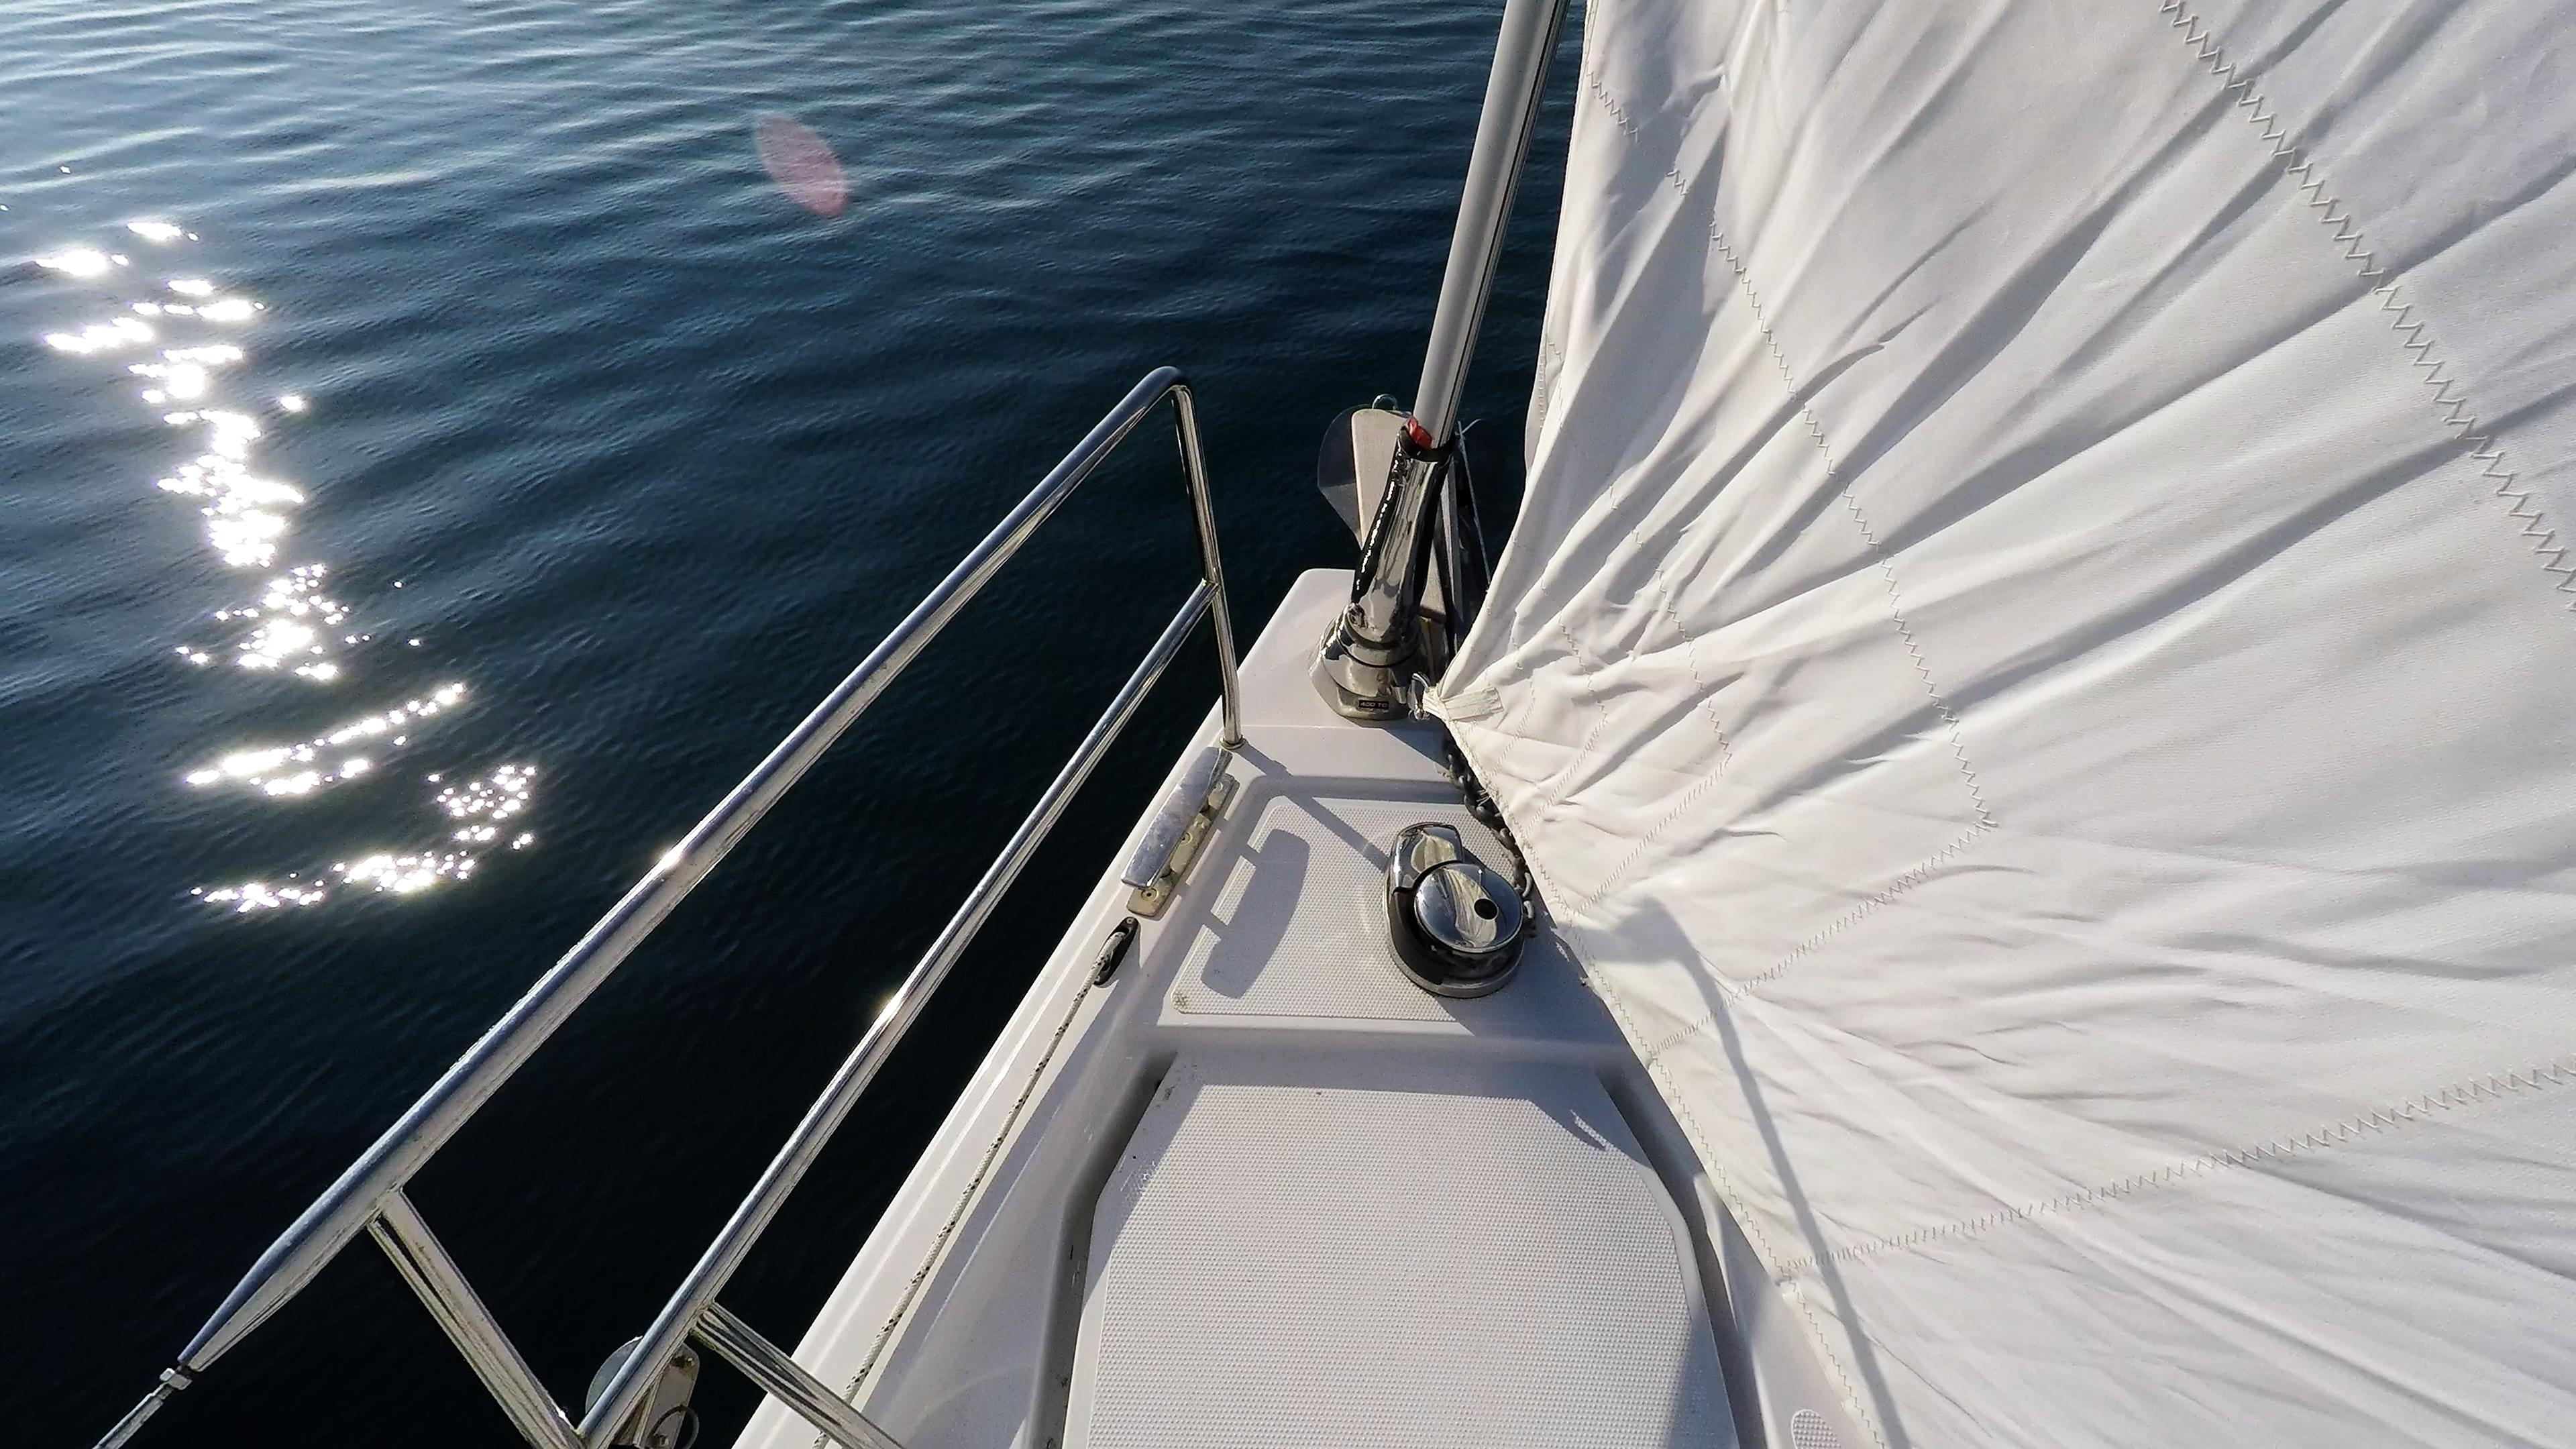 barcha a vela yacht a vela salpancora elettrico ancora genova avvolgibile rotolo prua vele della barca a vela mare blu